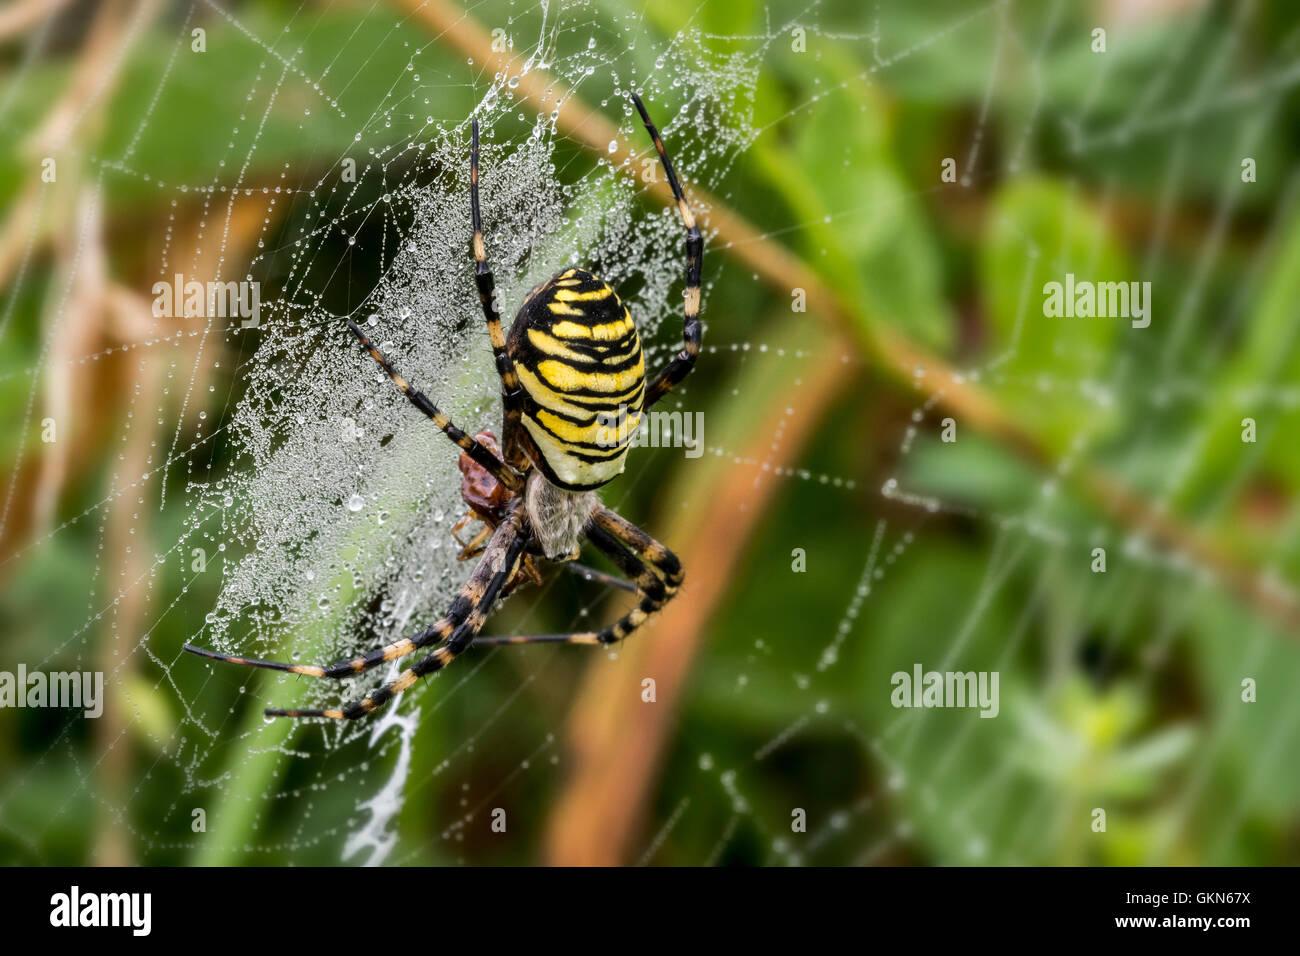 Wasp spider (Argiope bruennichi / Aranea brünnichii) feeding on caught insect in spiral orb web - Stock Image